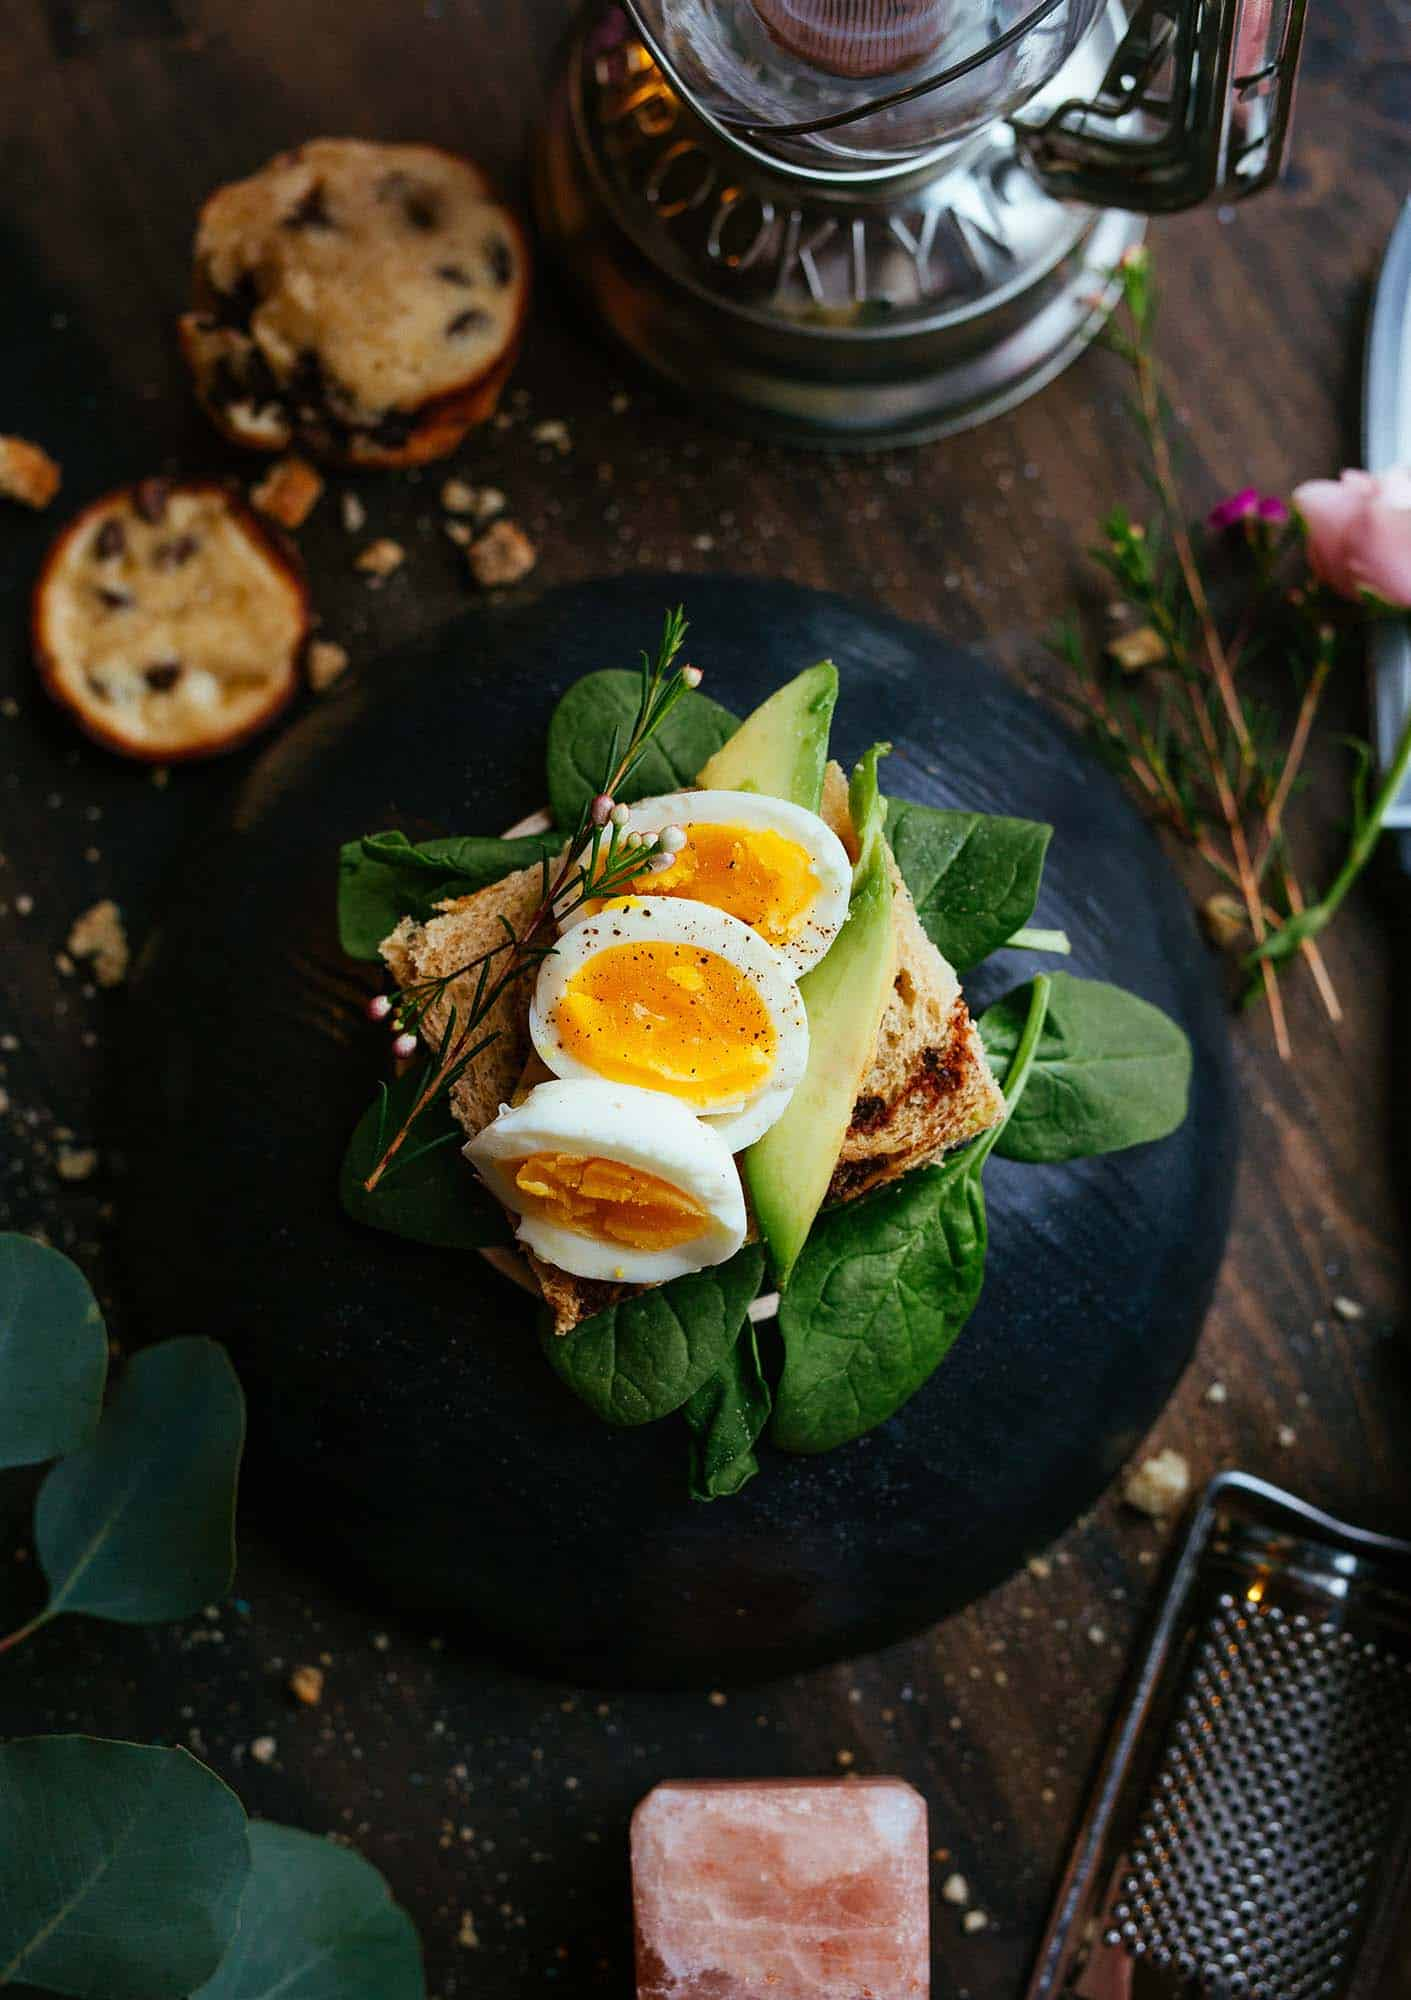 Broccoli & Quinoa Salad Dish